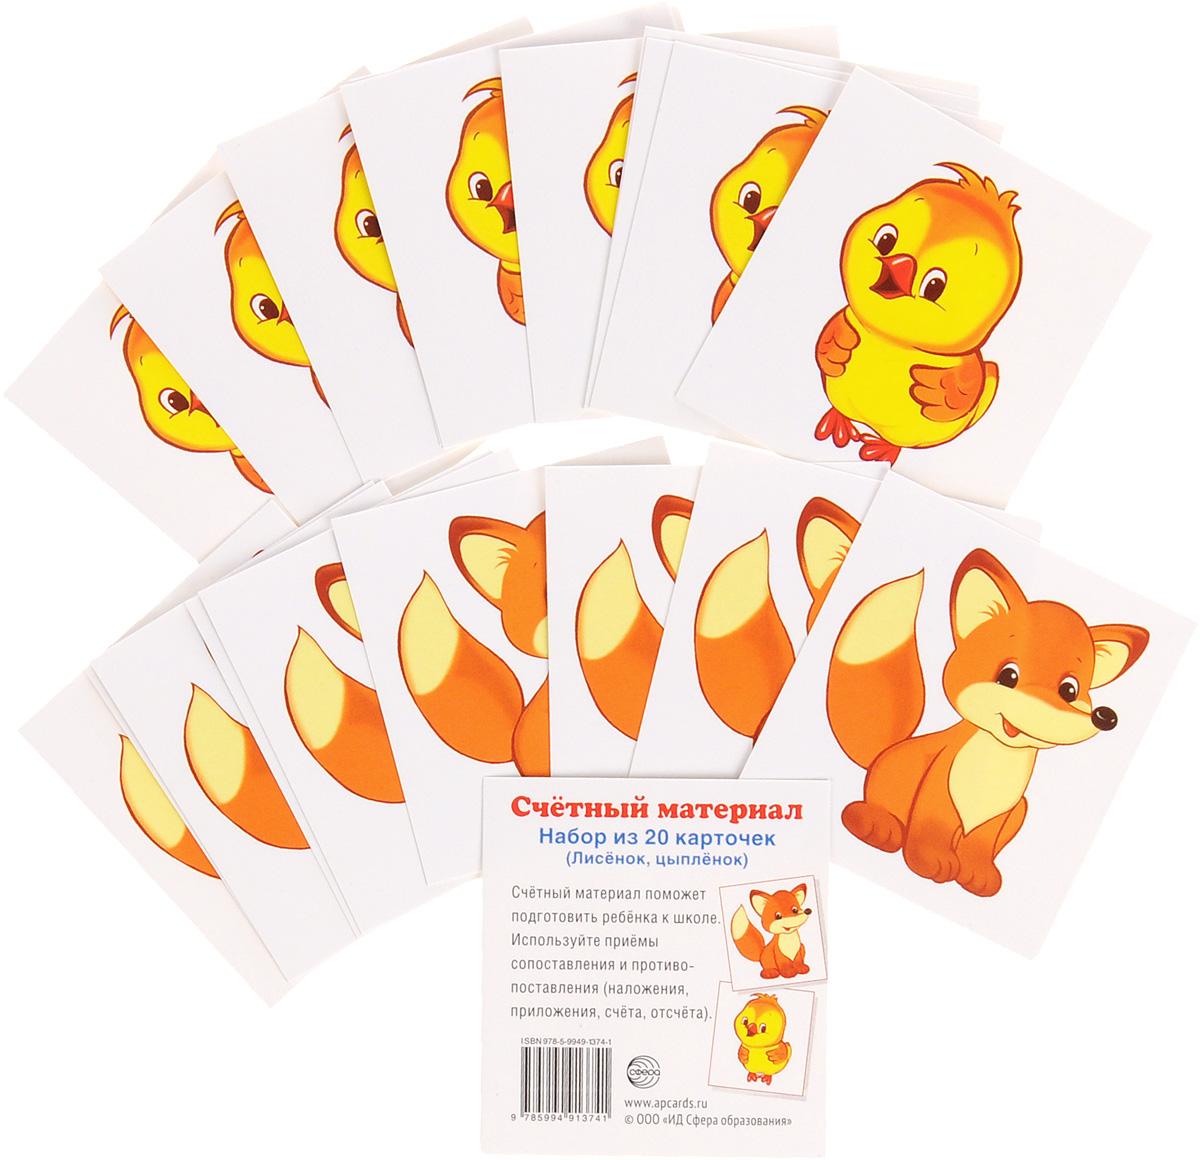 Счетный материал. Набор из 20 карточек (лисенок, цыпленок)